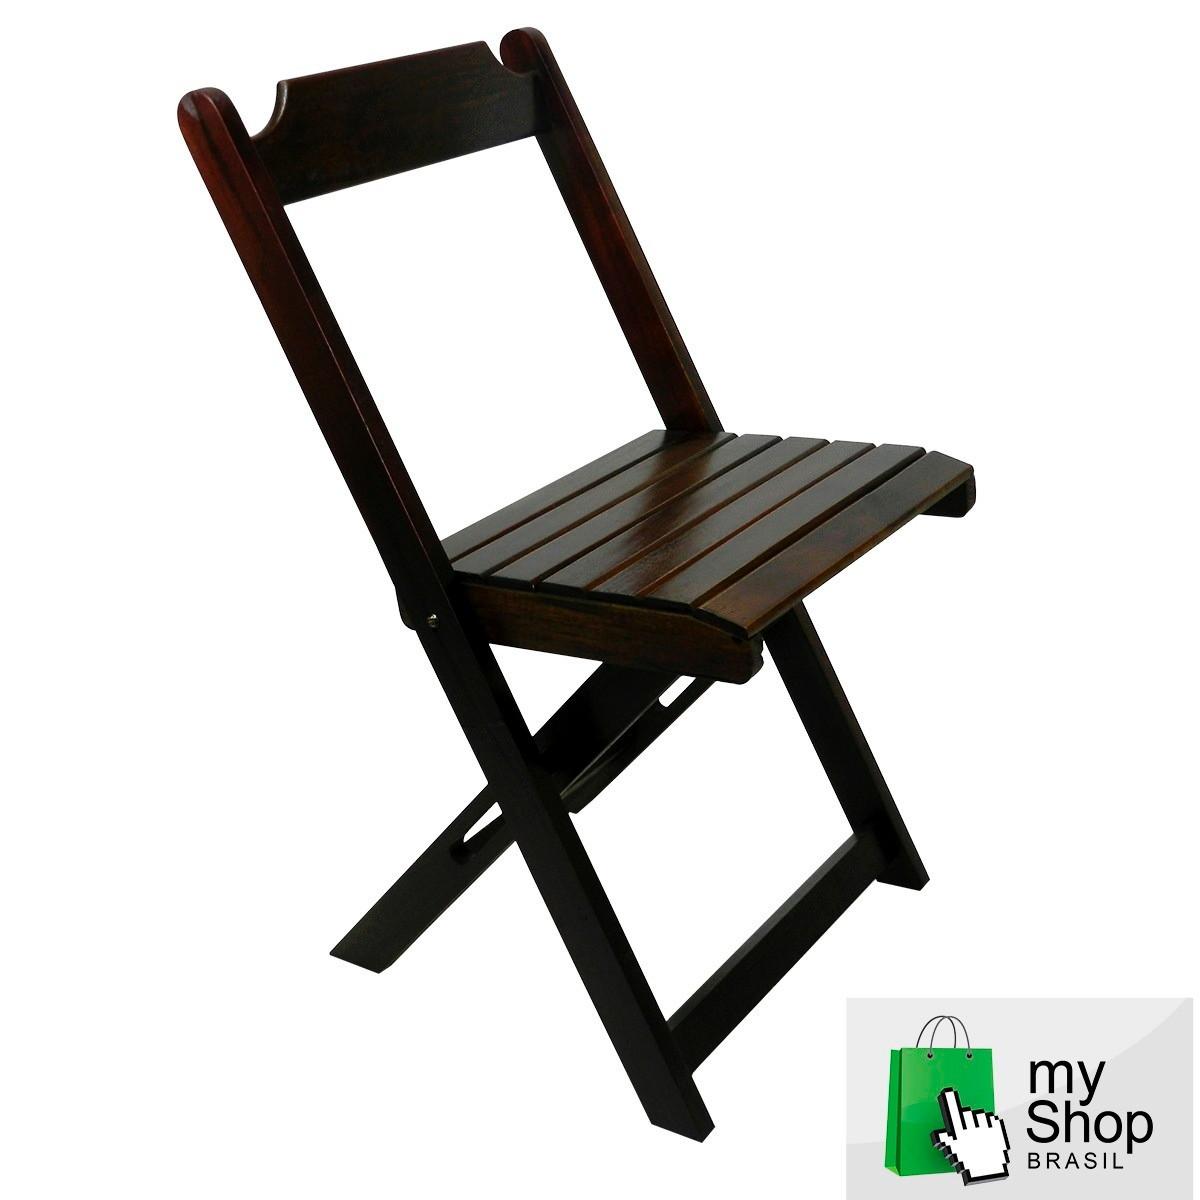 aluguel de cadeiras dobraveis aluguel de cadeiras dobraveis de madeira  #0C9234 1200x1200